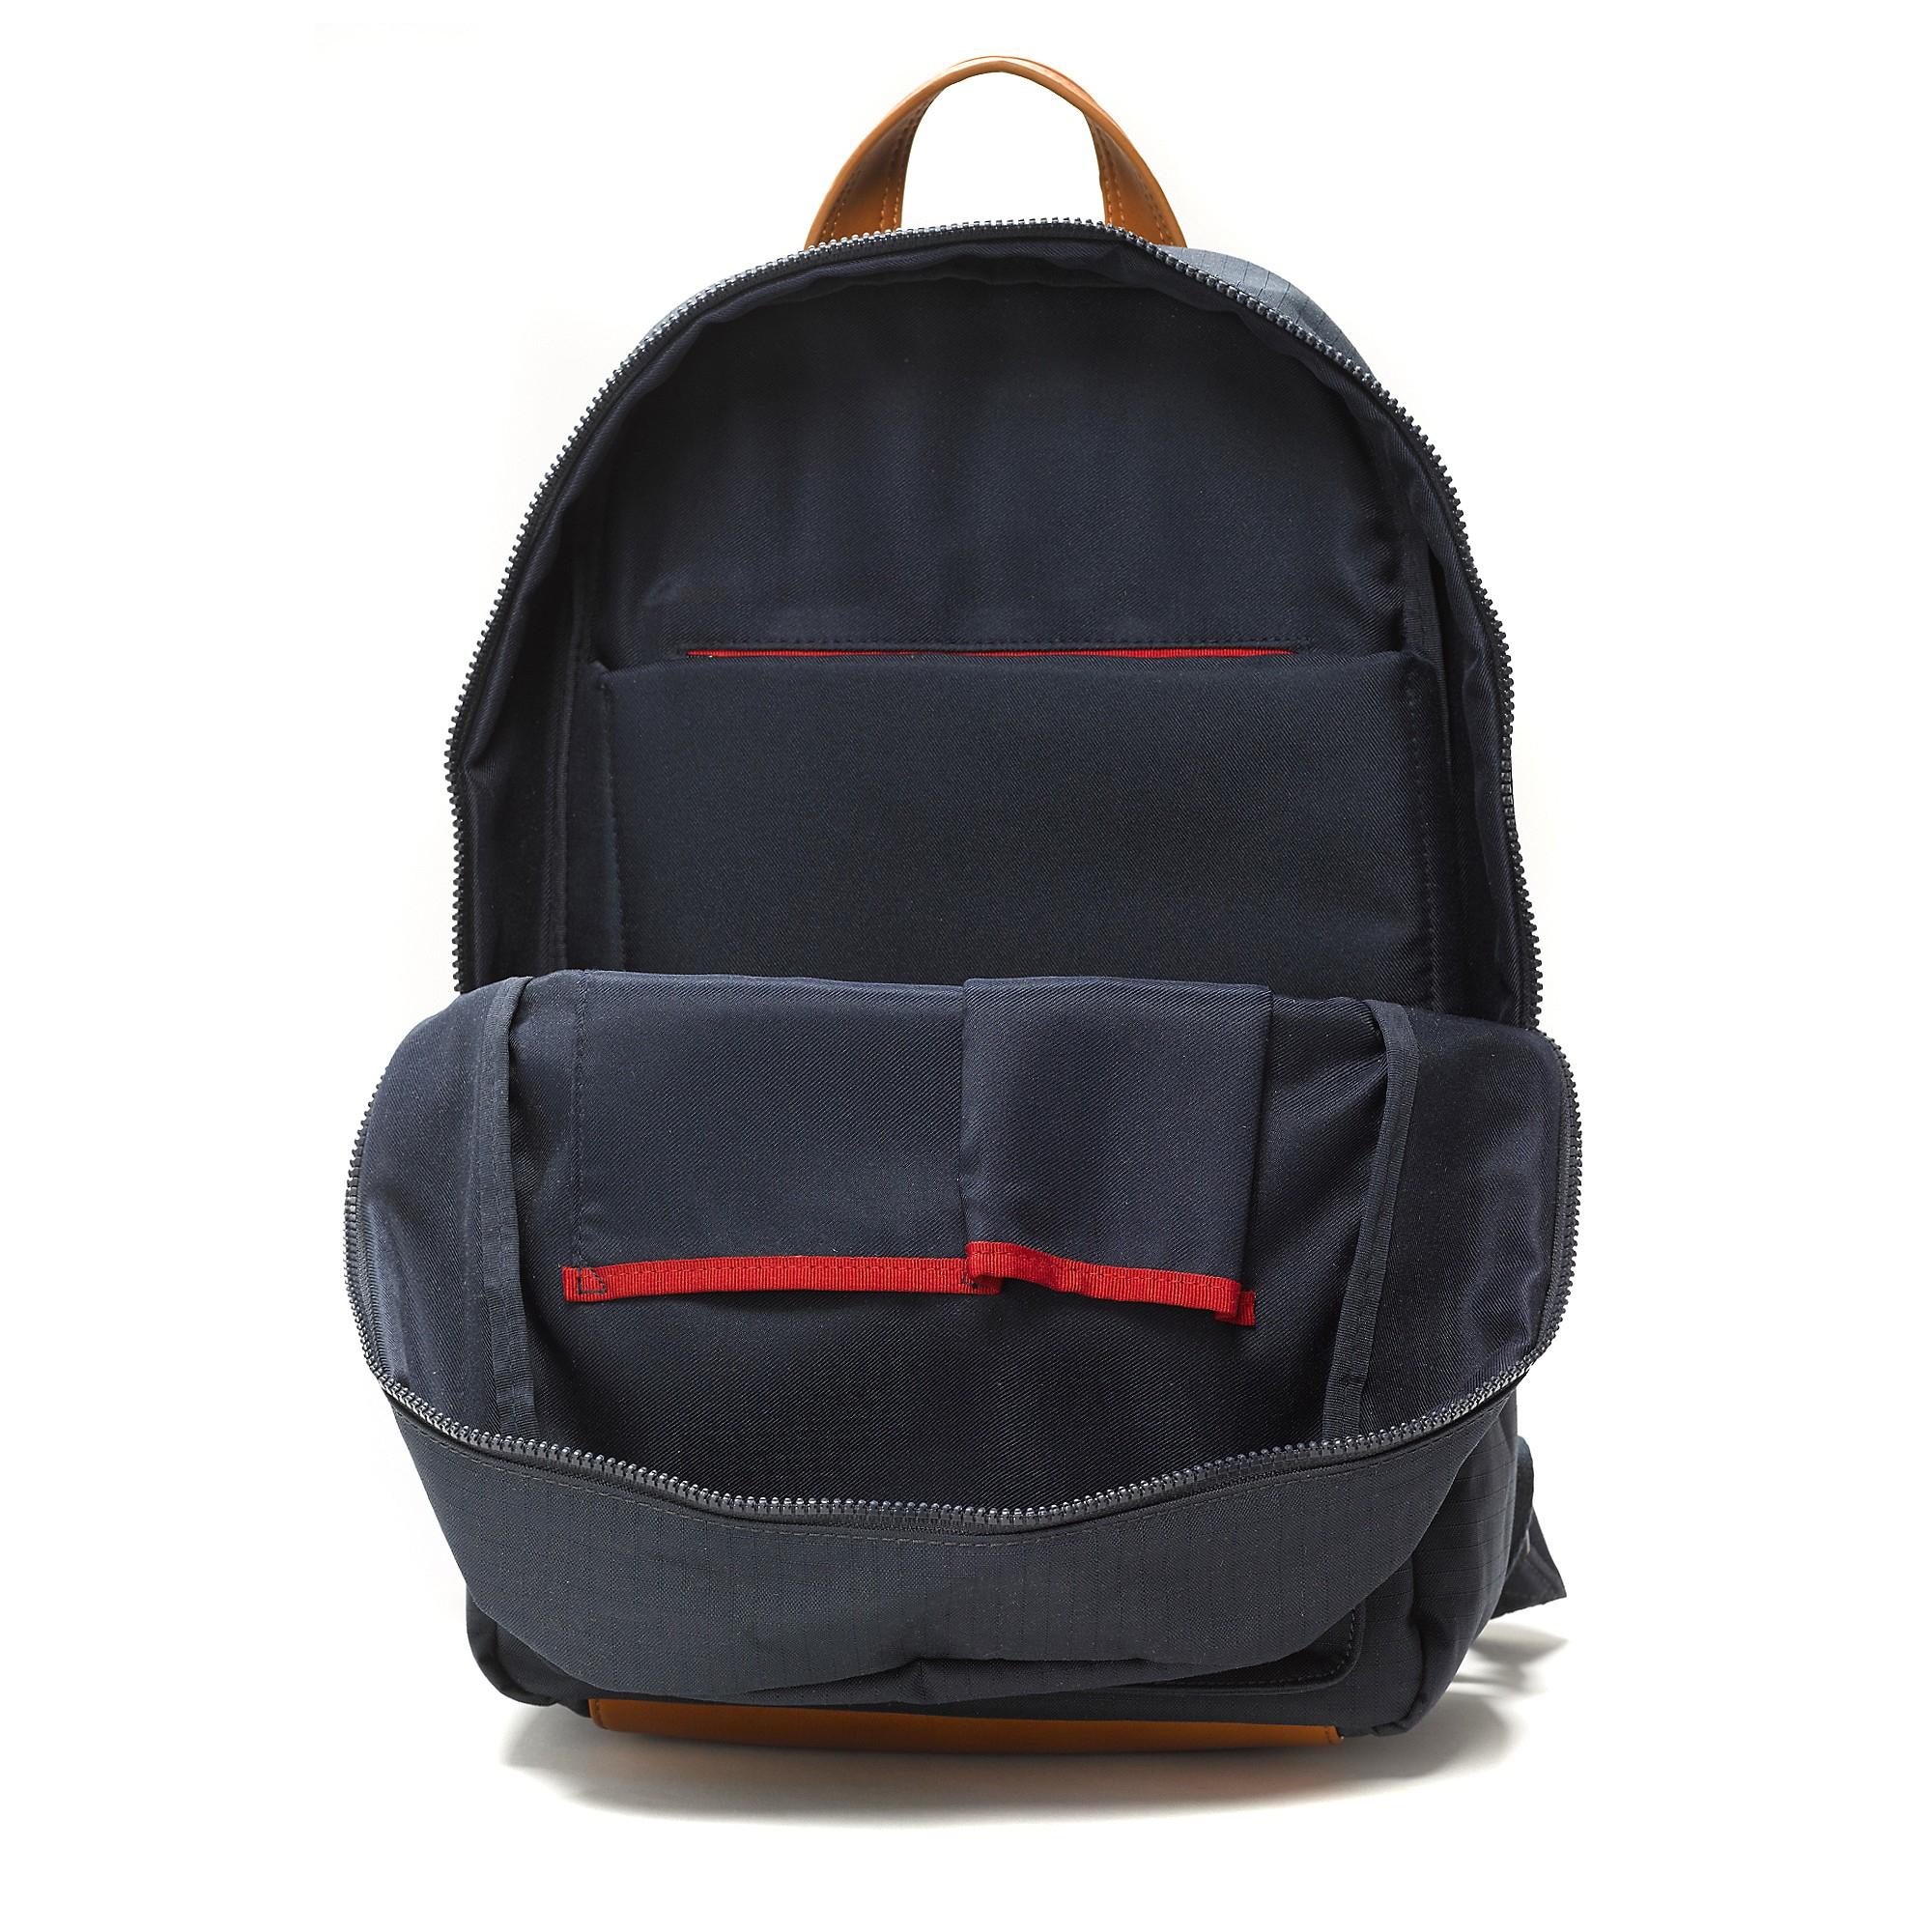 tommy hilfiger sport backpack in blue for men navy lyst. Black Bedroom Furniture Sets. Home Design Ideas